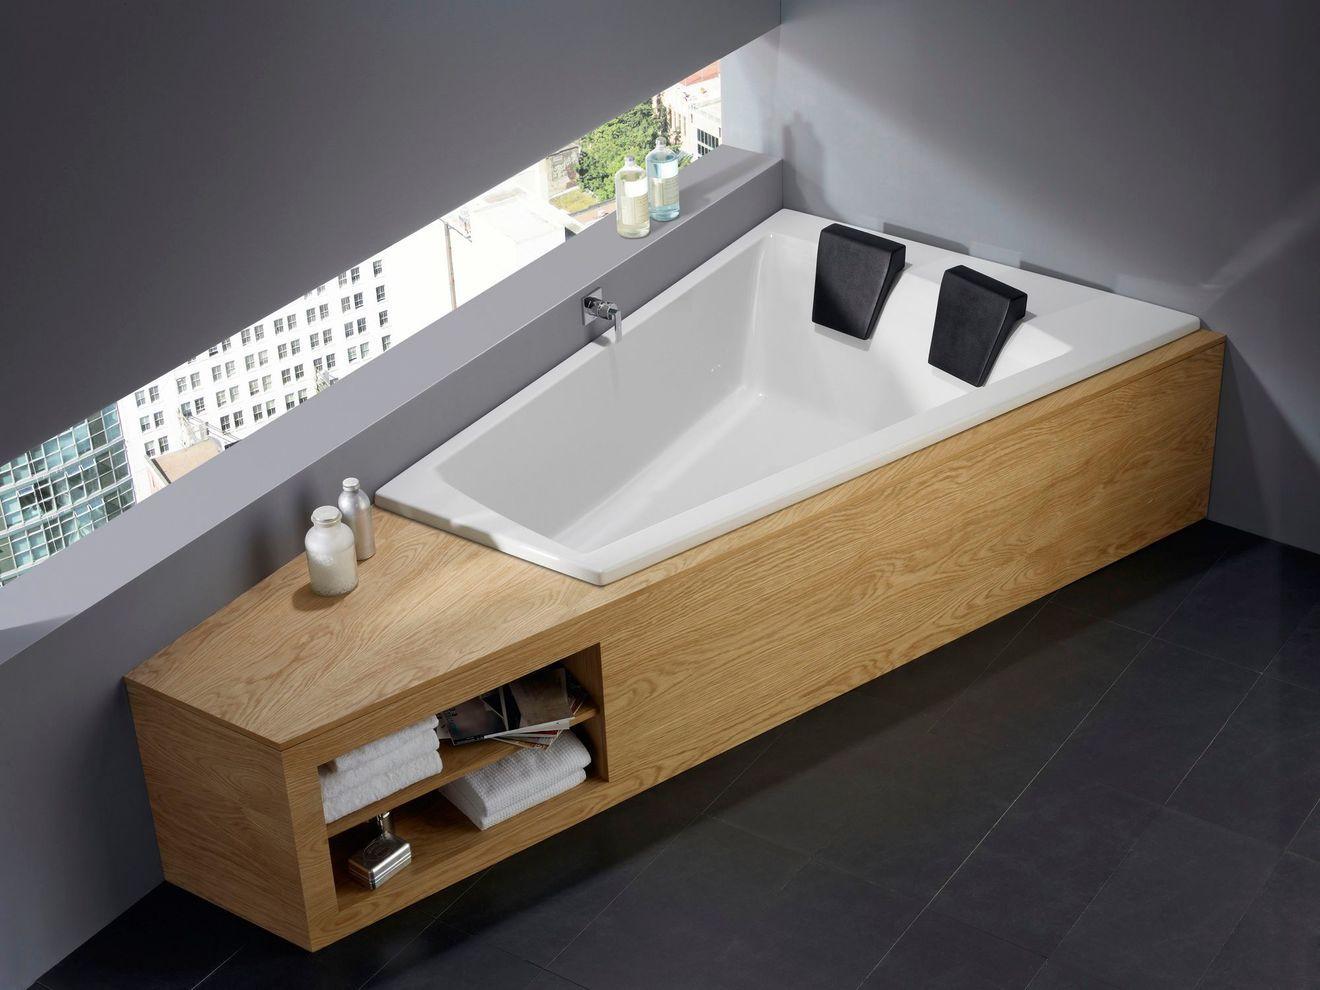 Poser Une Baignoire Avec Rebord petites baignoires d'angle, sabot : sélection de 20 modèles